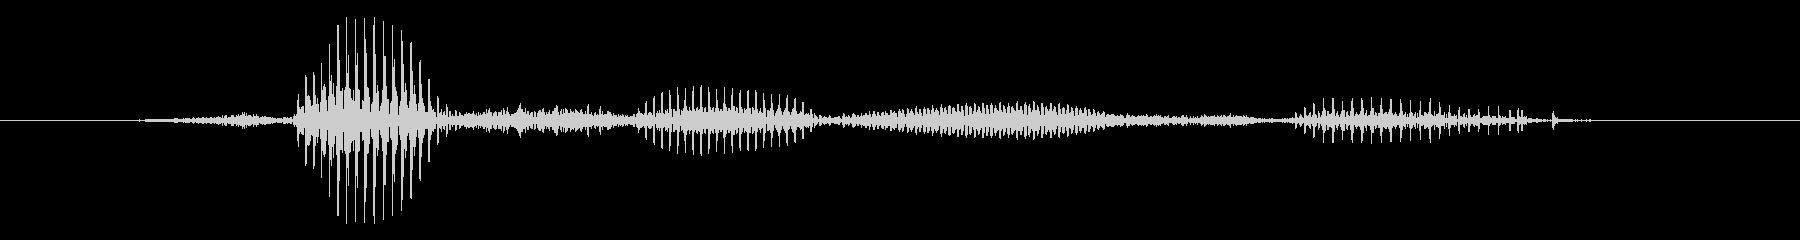 【星座】蠍座の未再生の波形